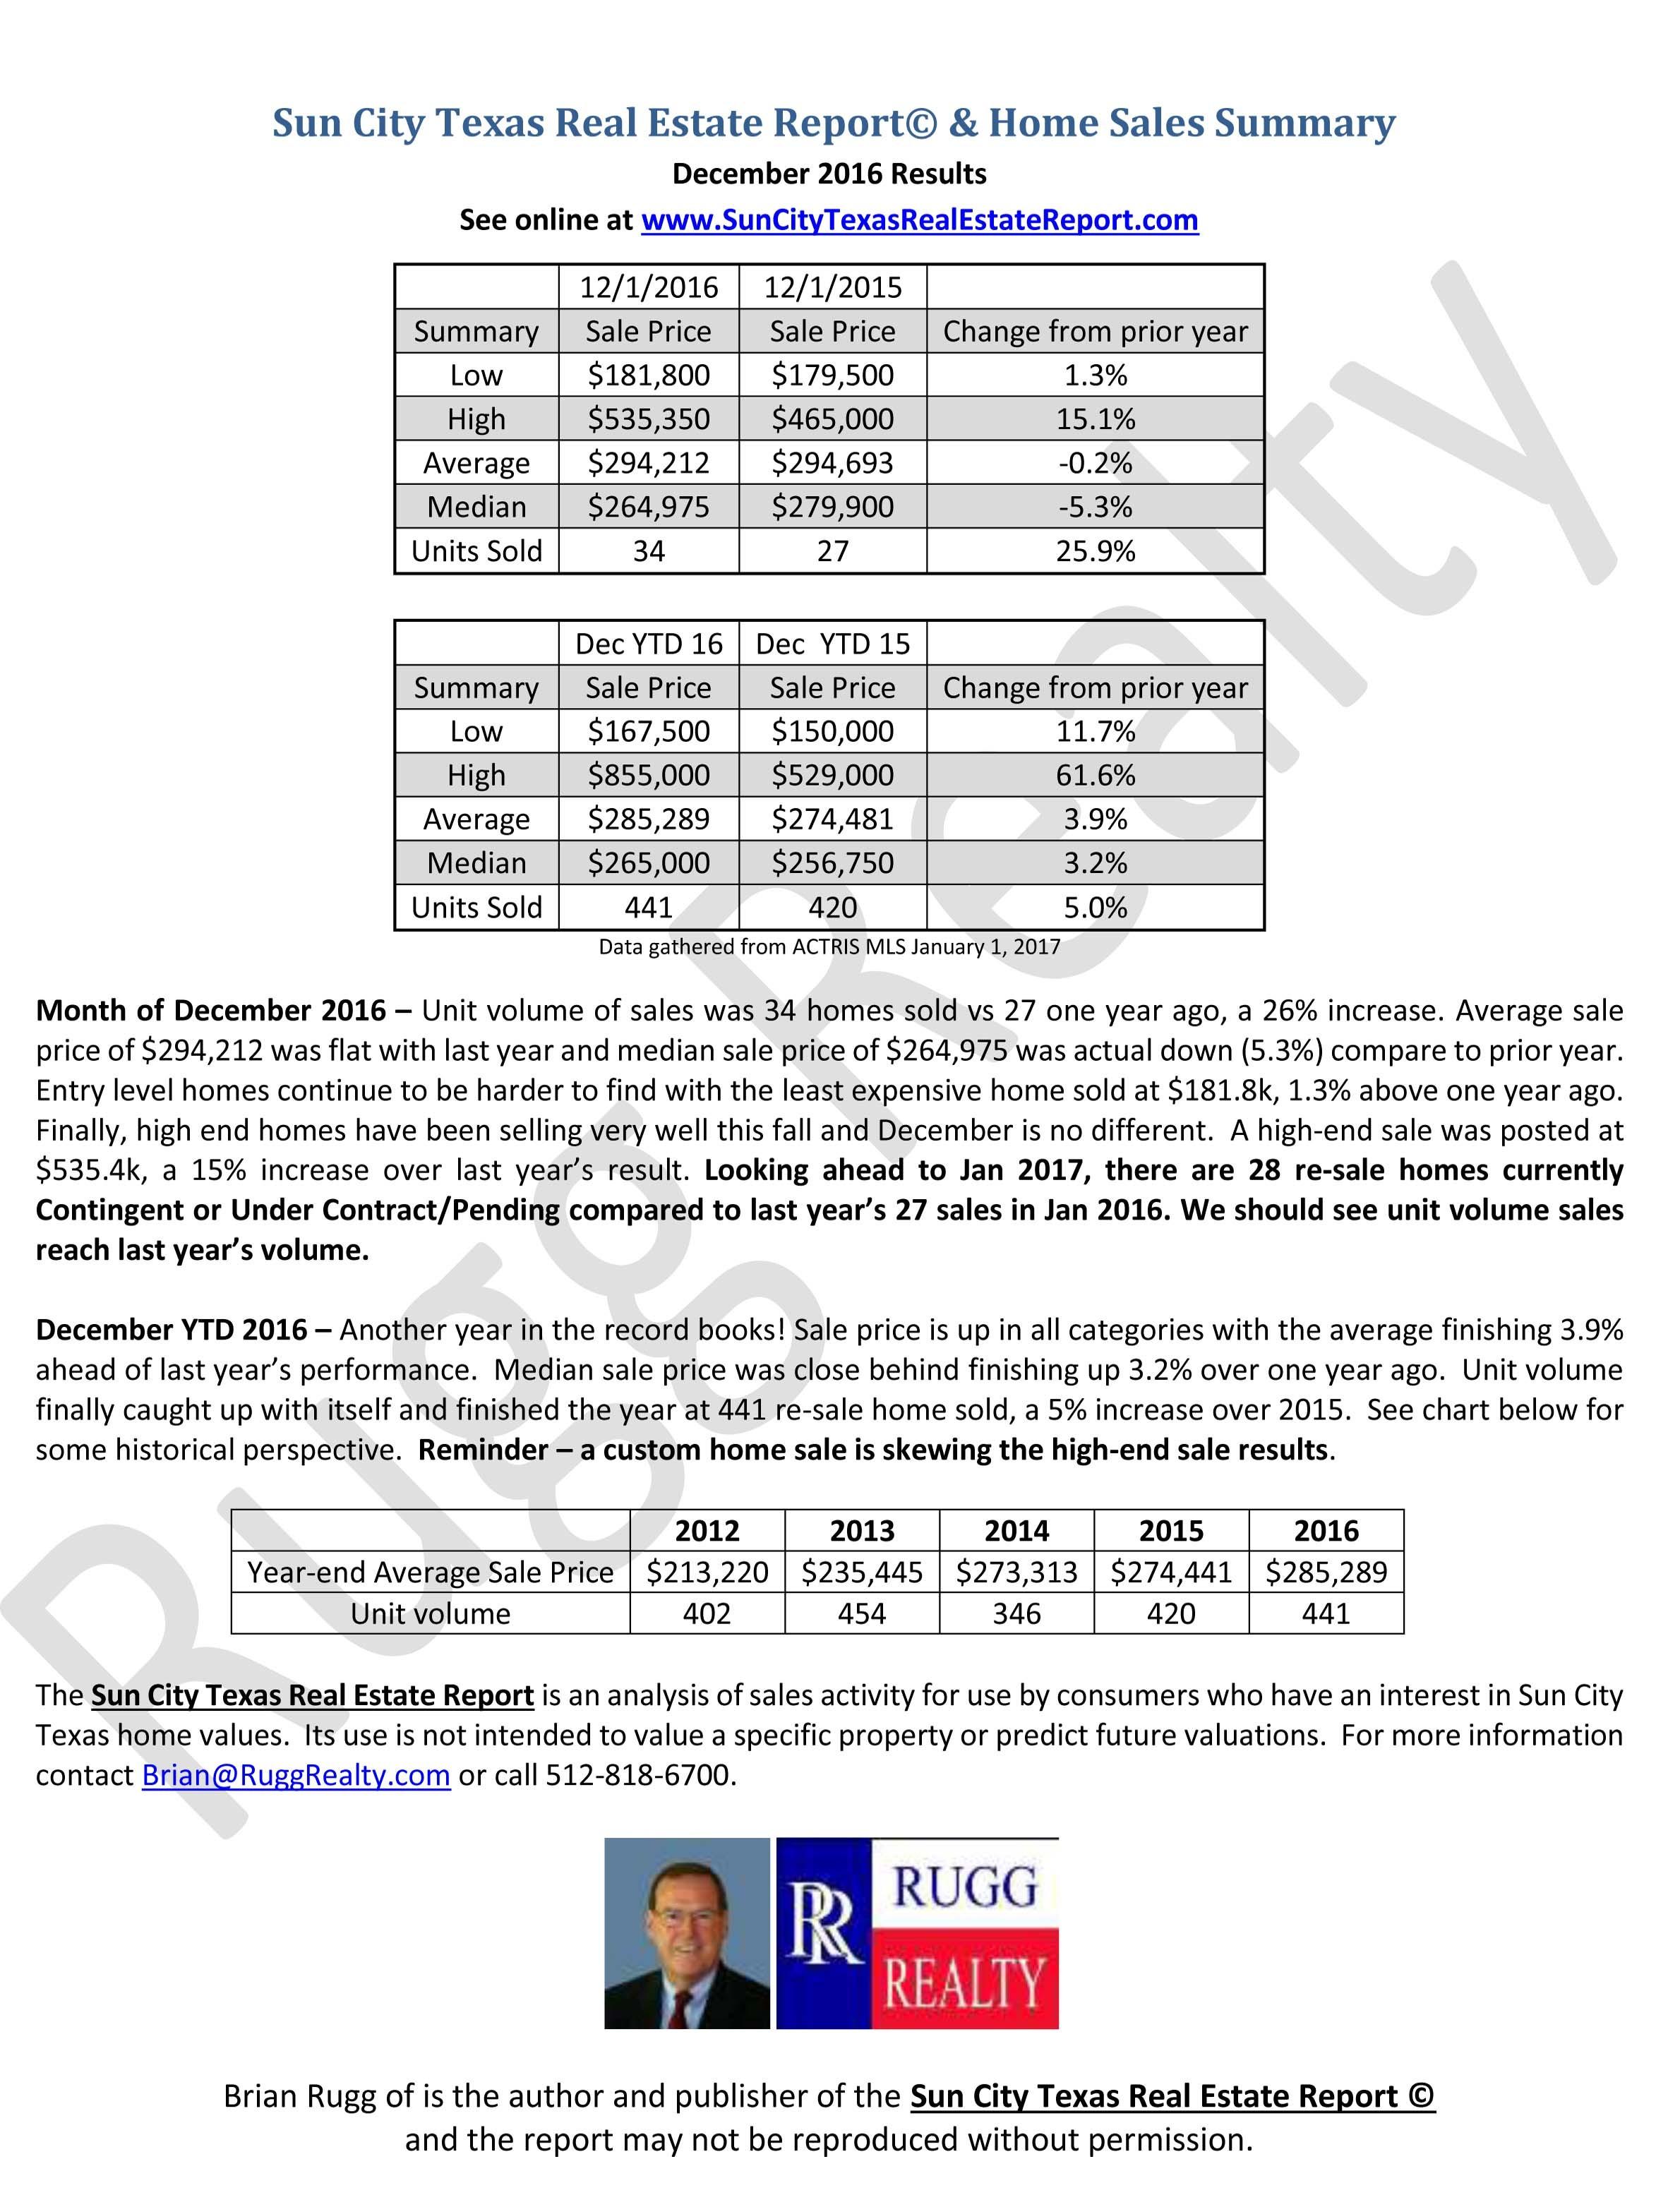 Sun City Texas Home Sale Summary Dec 2016 - Rugg Realty